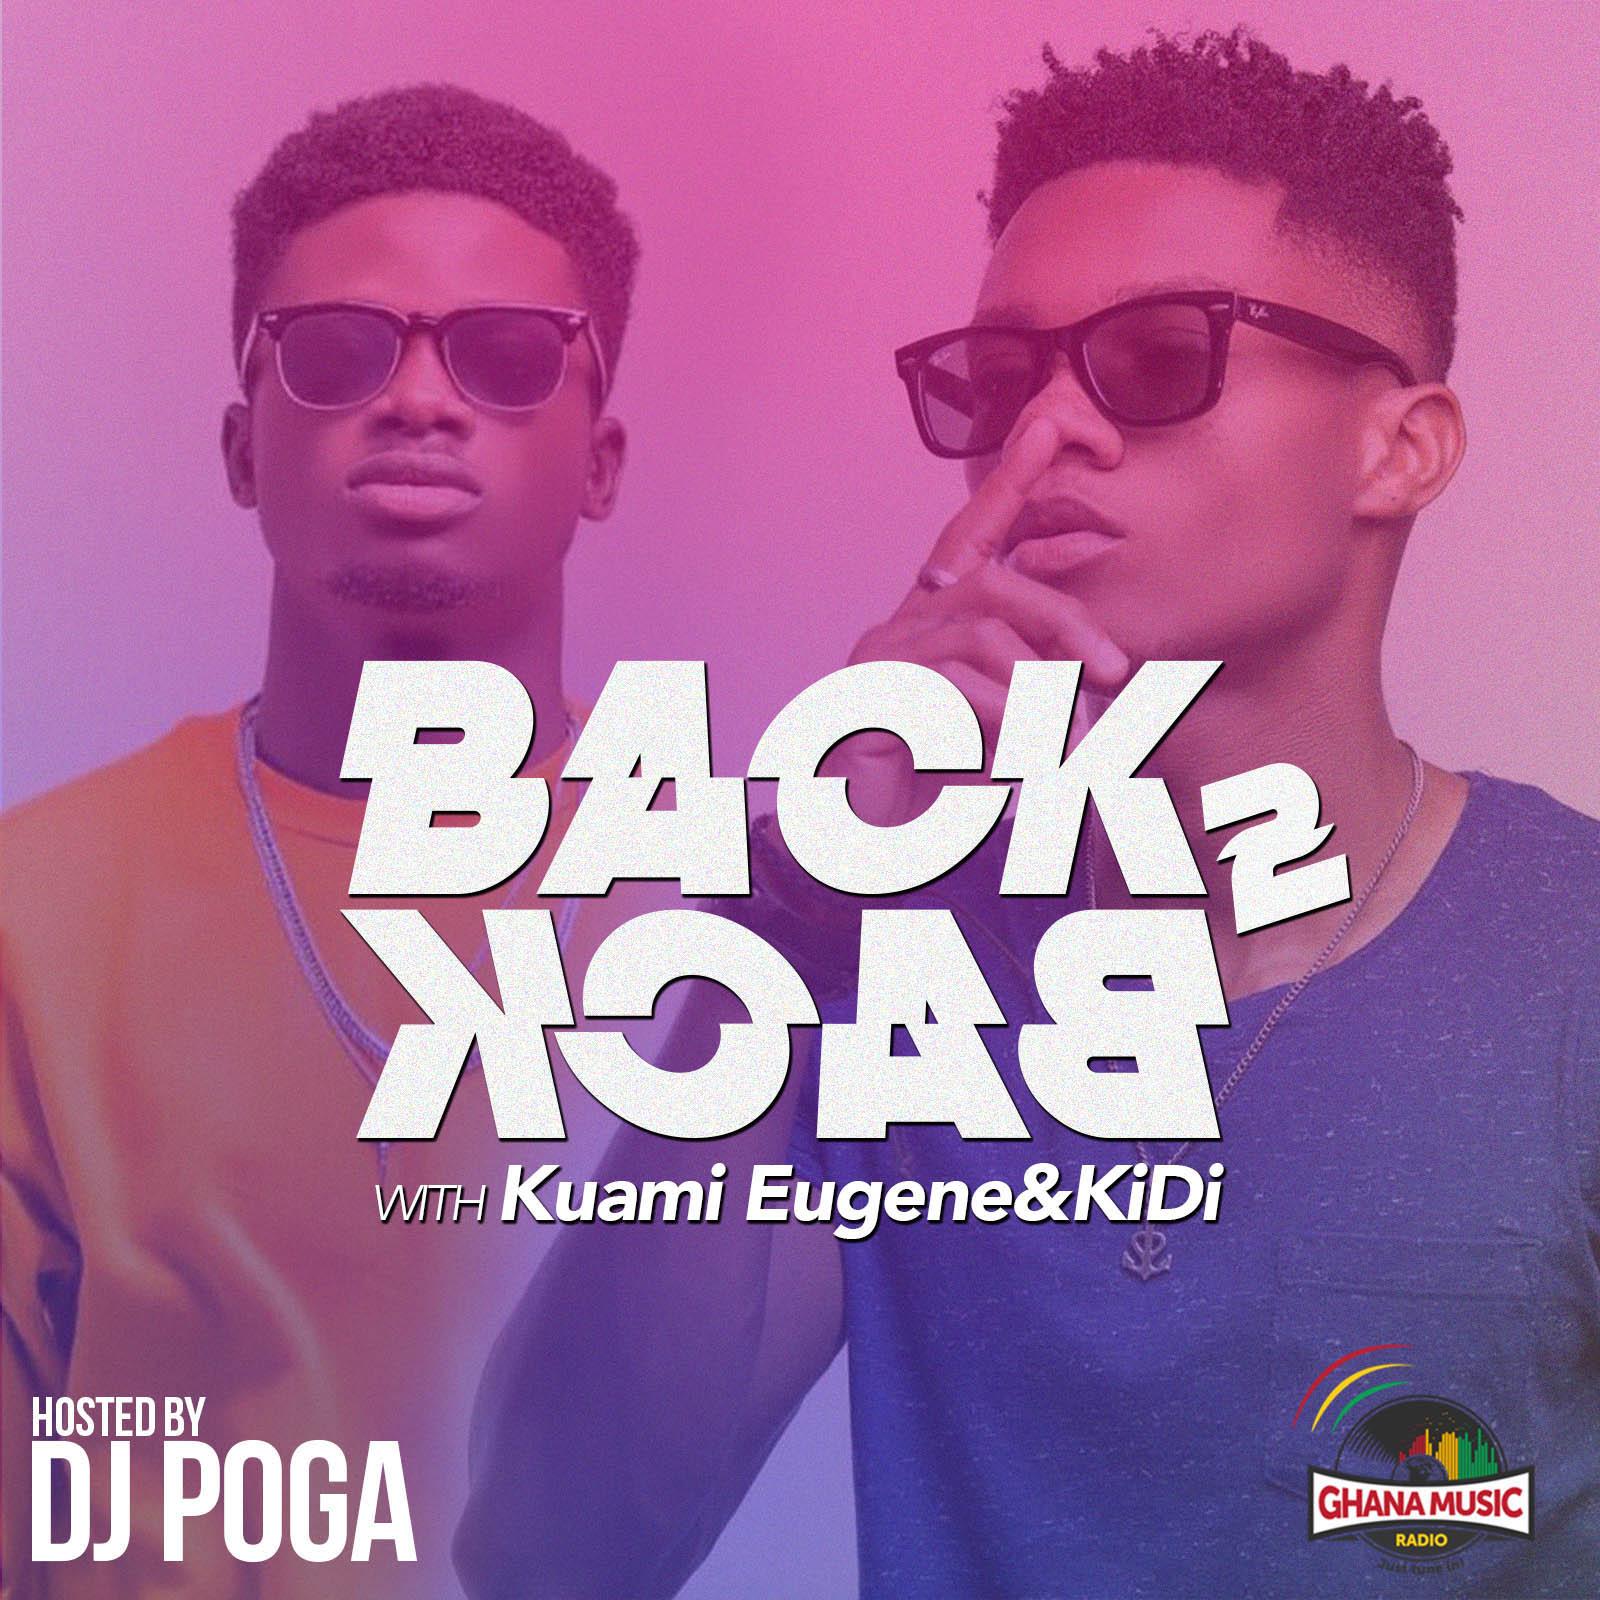 Audio: Back To Back With Kuami Eugene & KiDi by DJ Poga